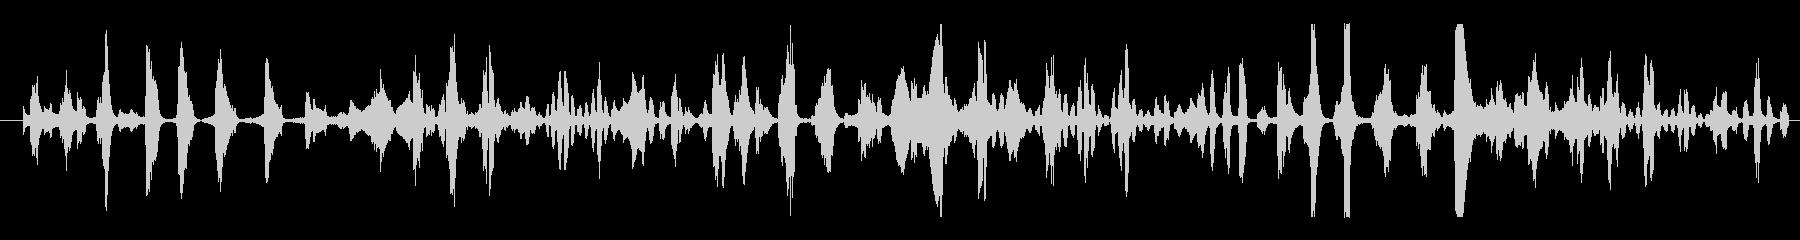 フィクション エイリアン 未知の種01の未再生の波形